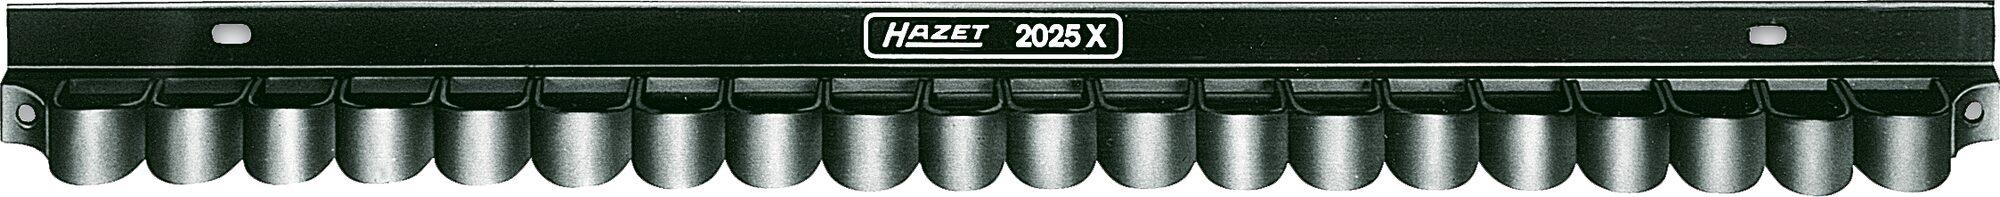 HAZET Werkzeug Halter 2025X